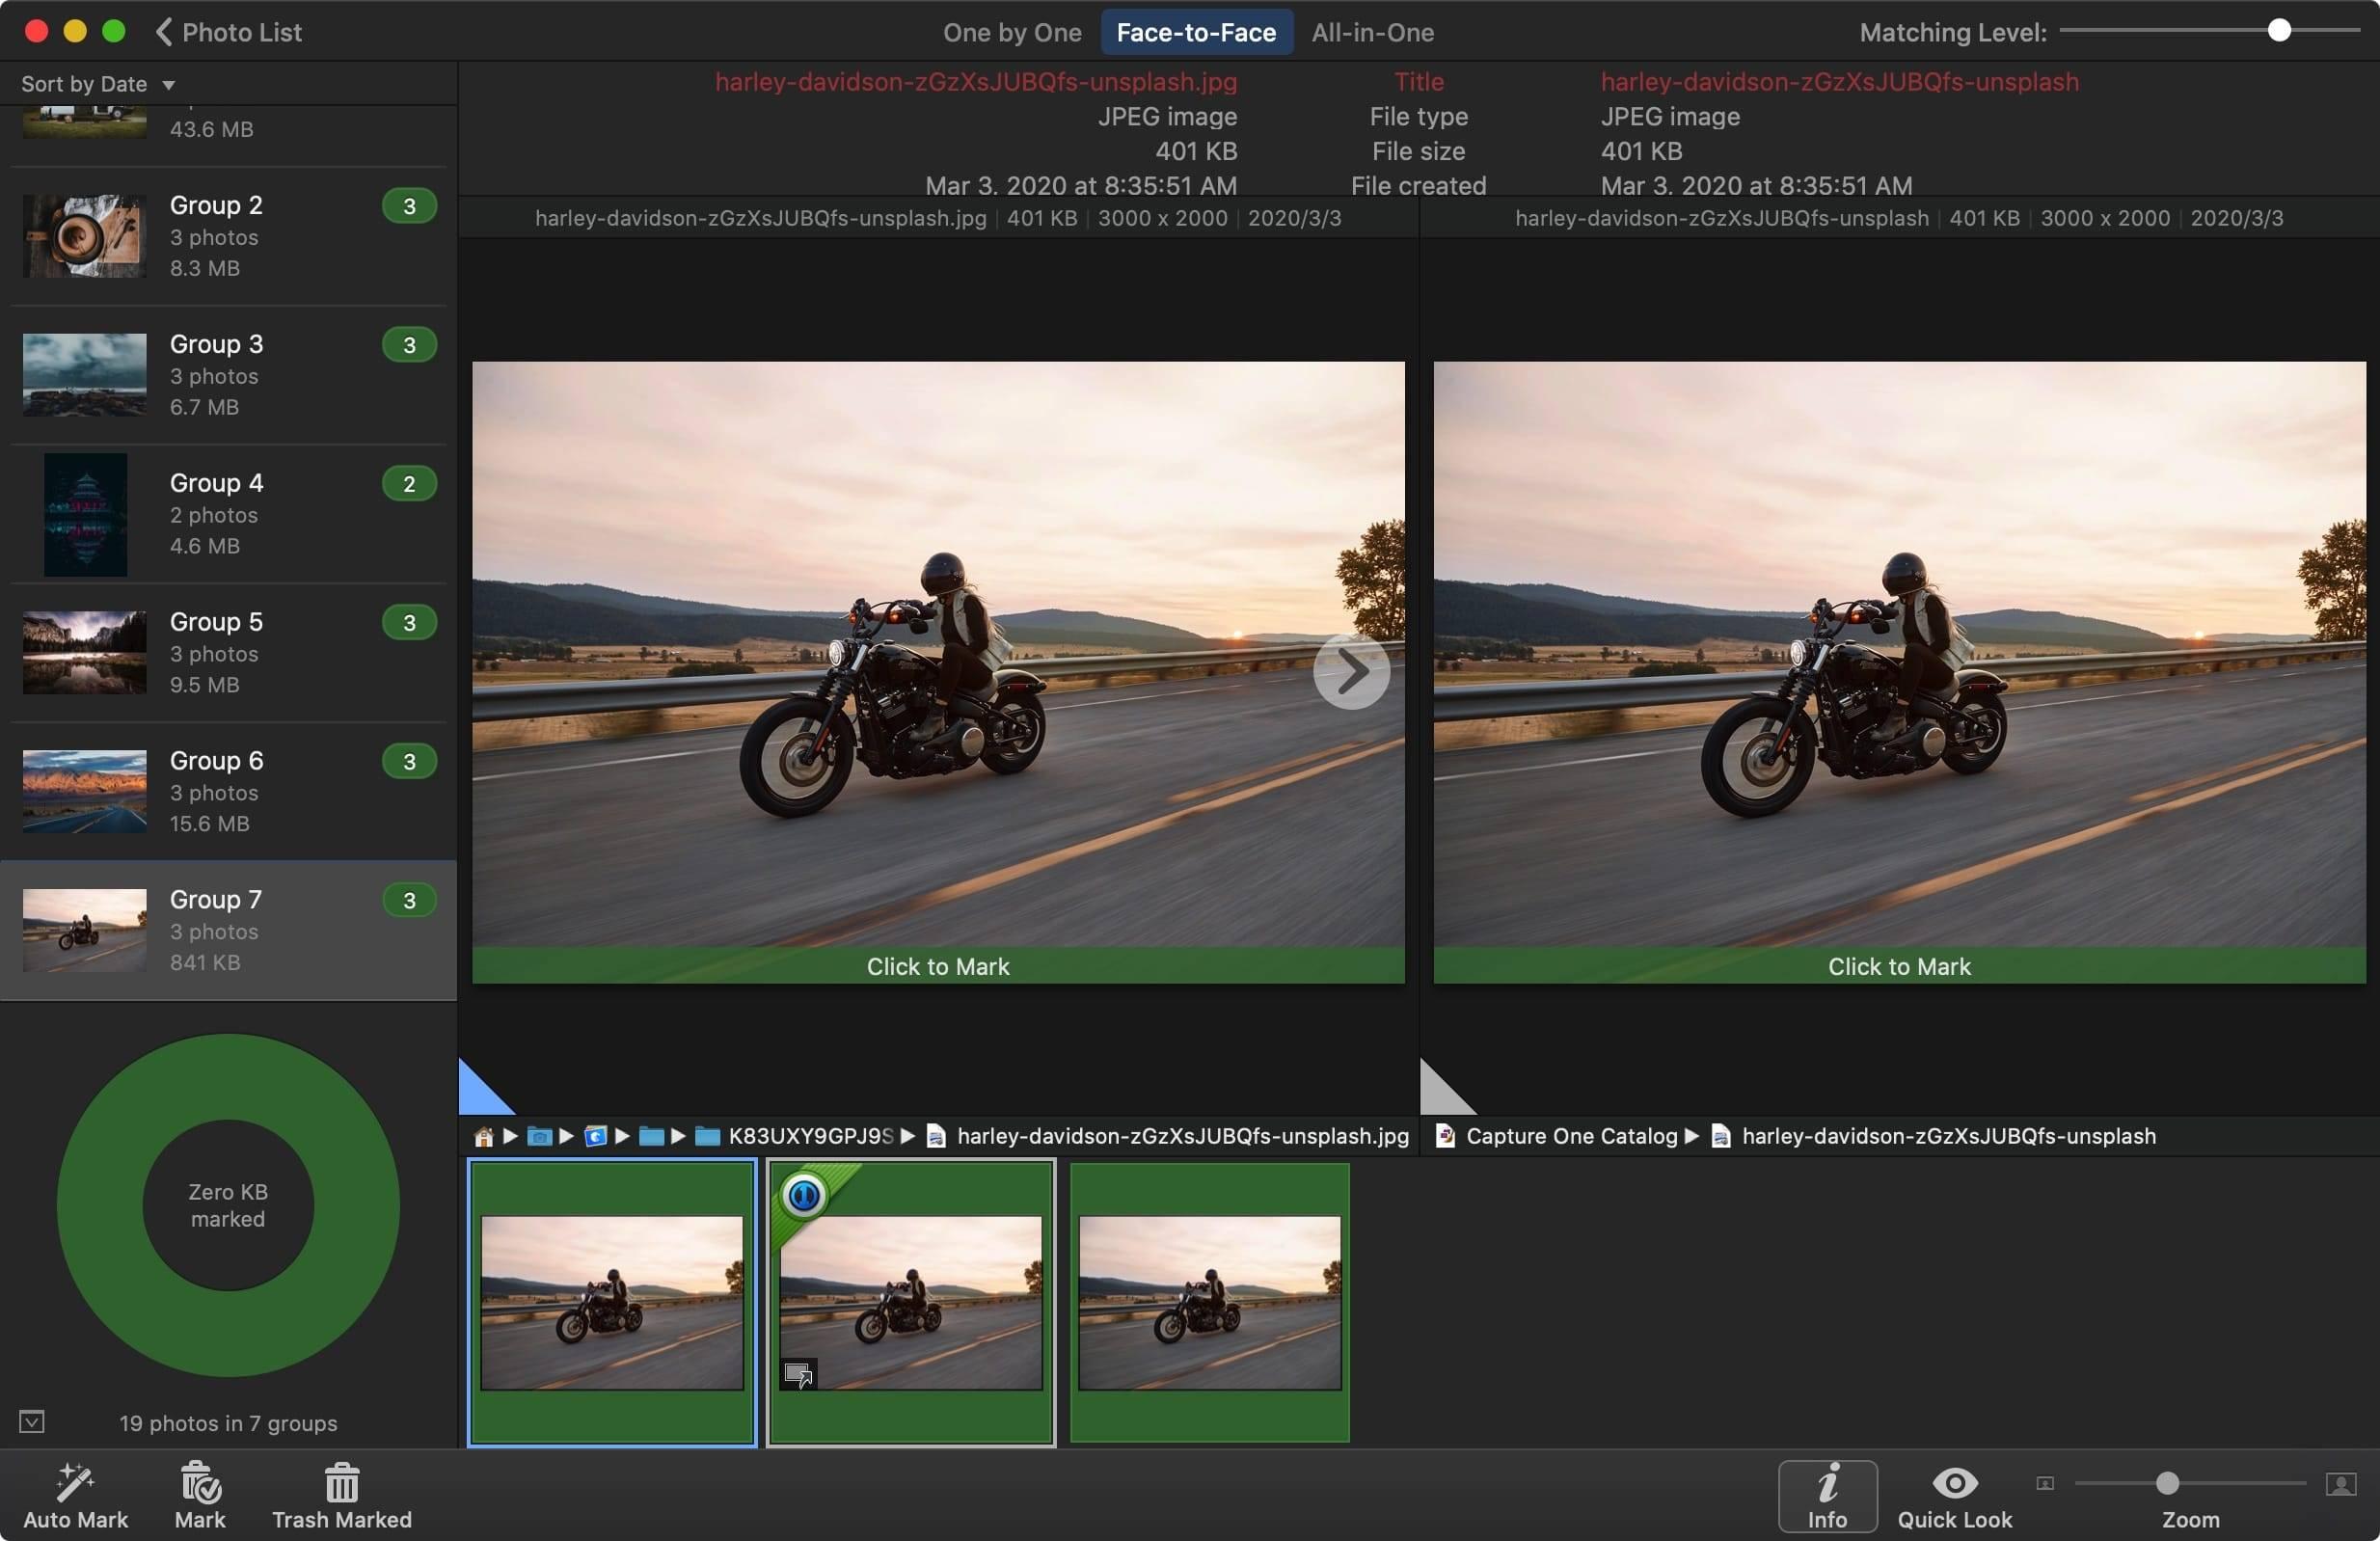 PhotoSweeper X 3.9.1  破解版  相似重复照片清理工具  第3张